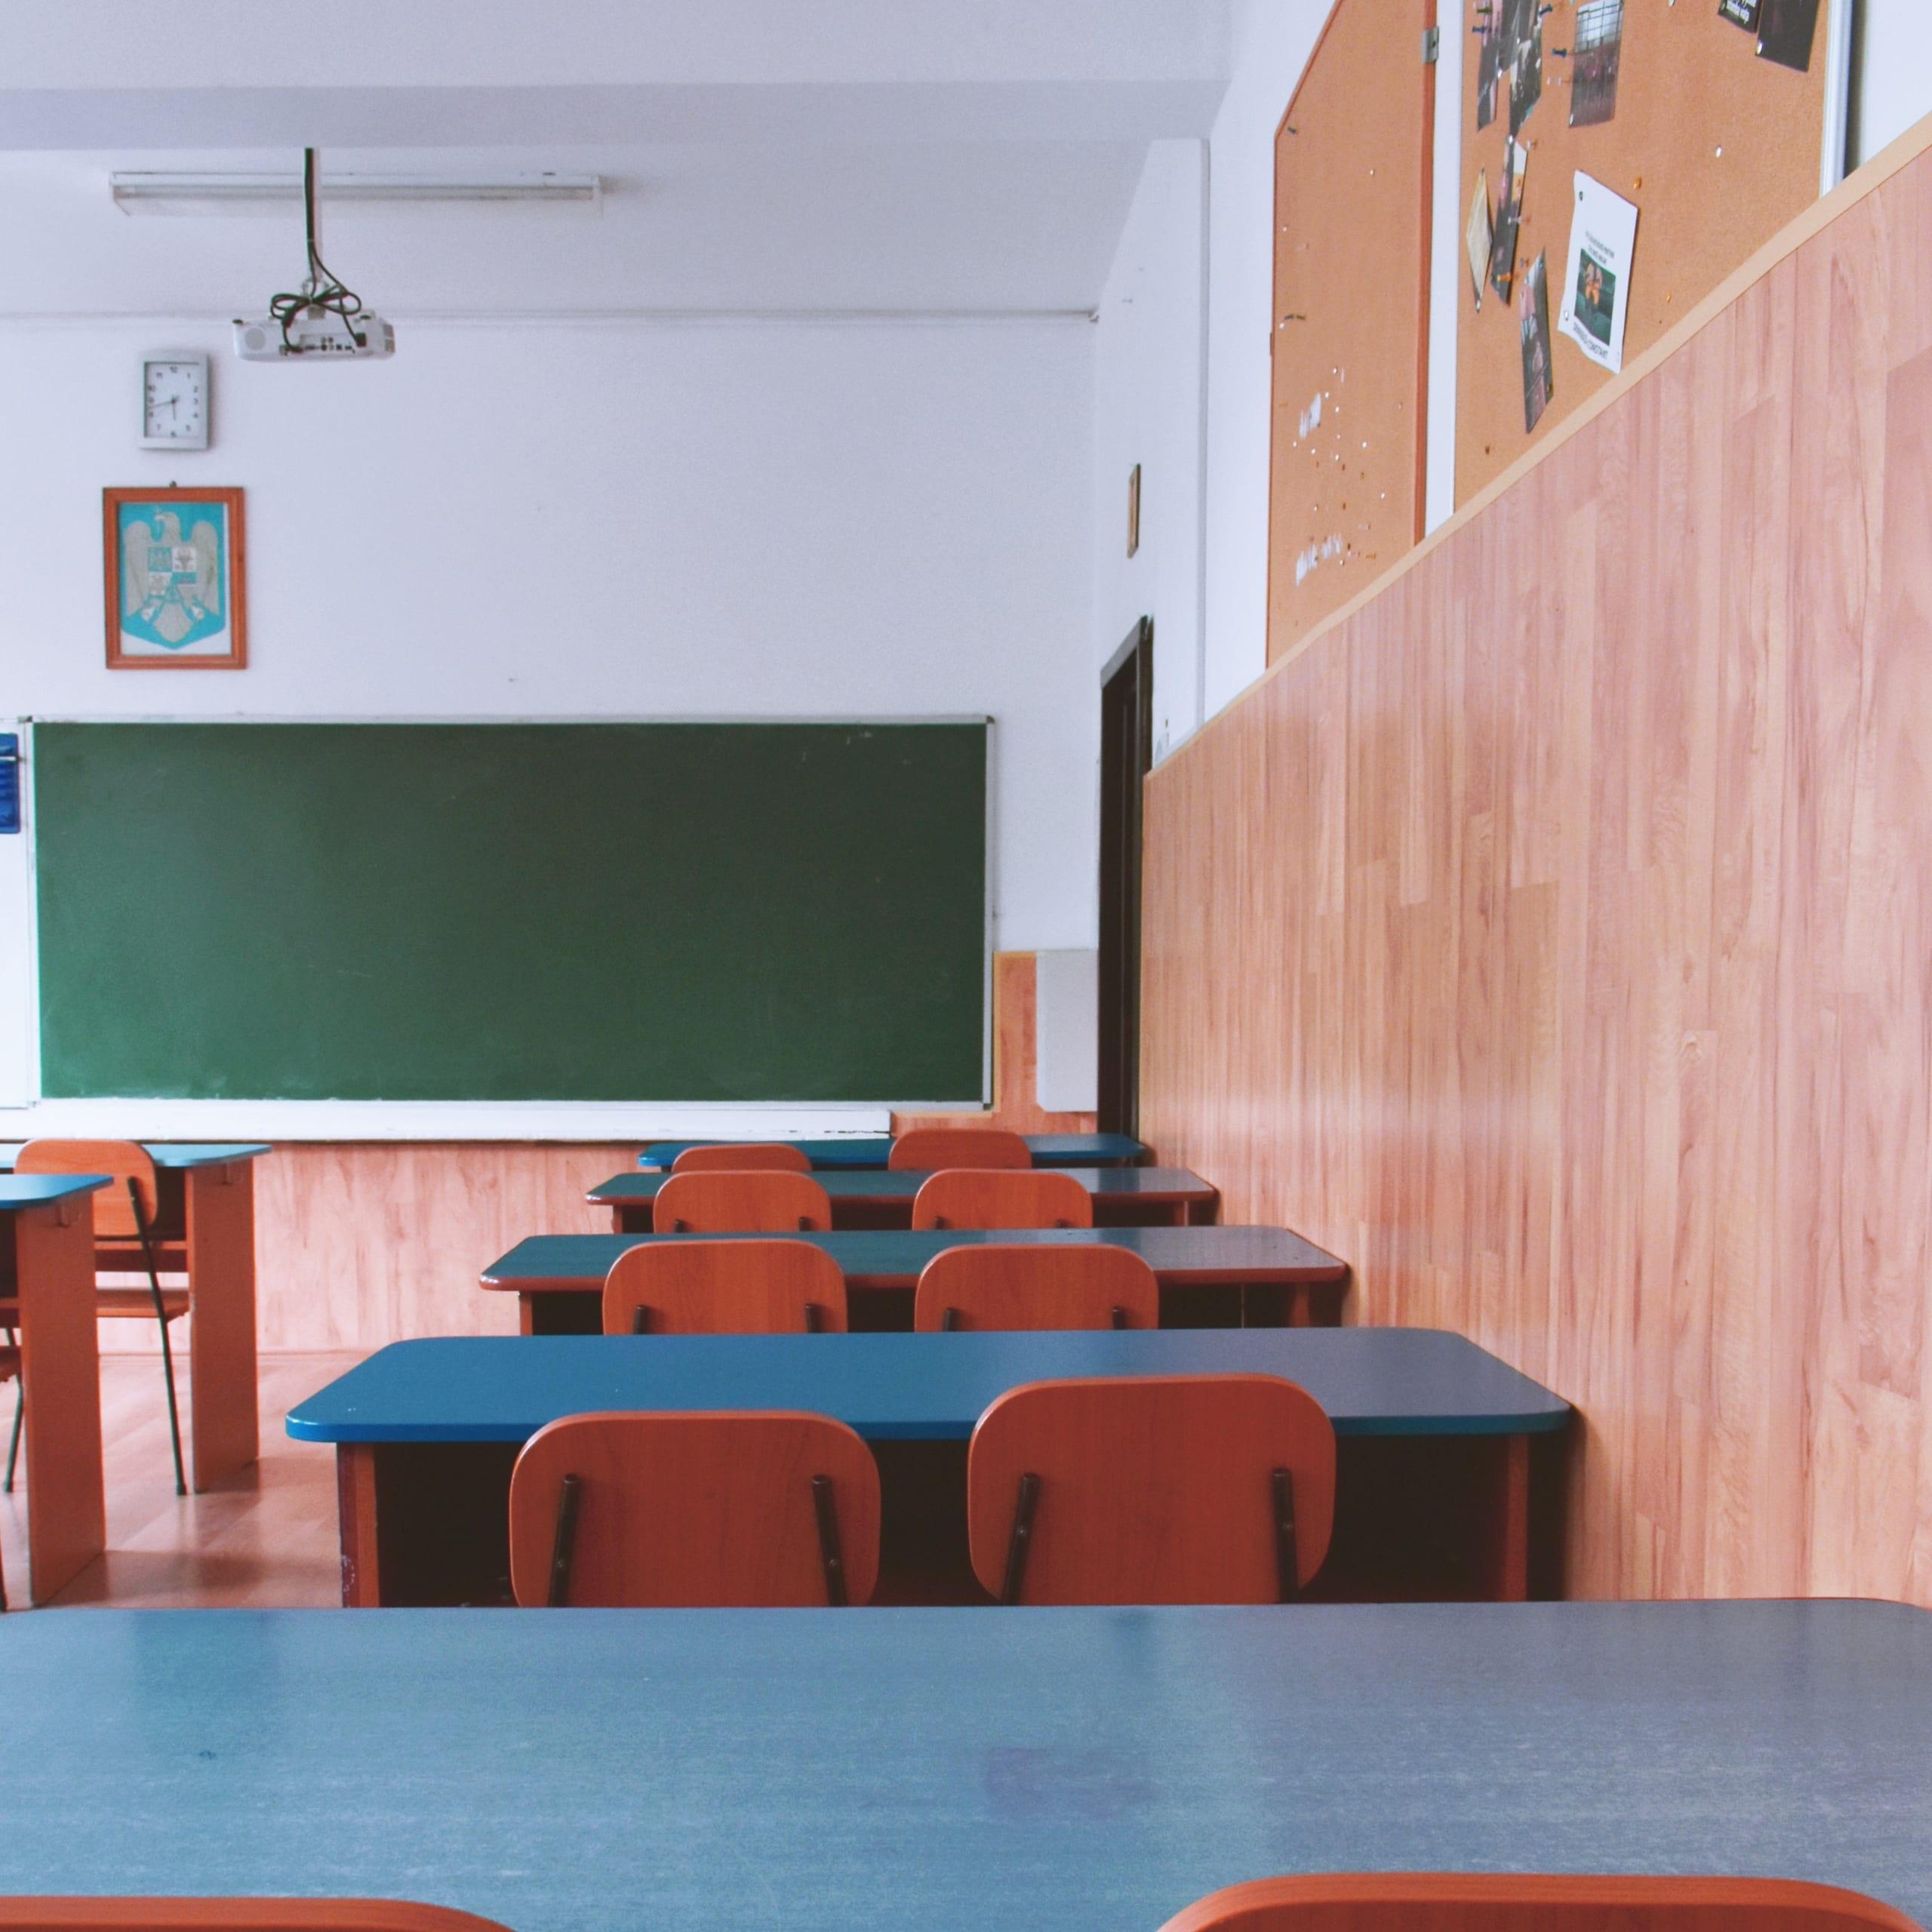 「超過勤務の解消」が教員の負担を増長するという矛盾